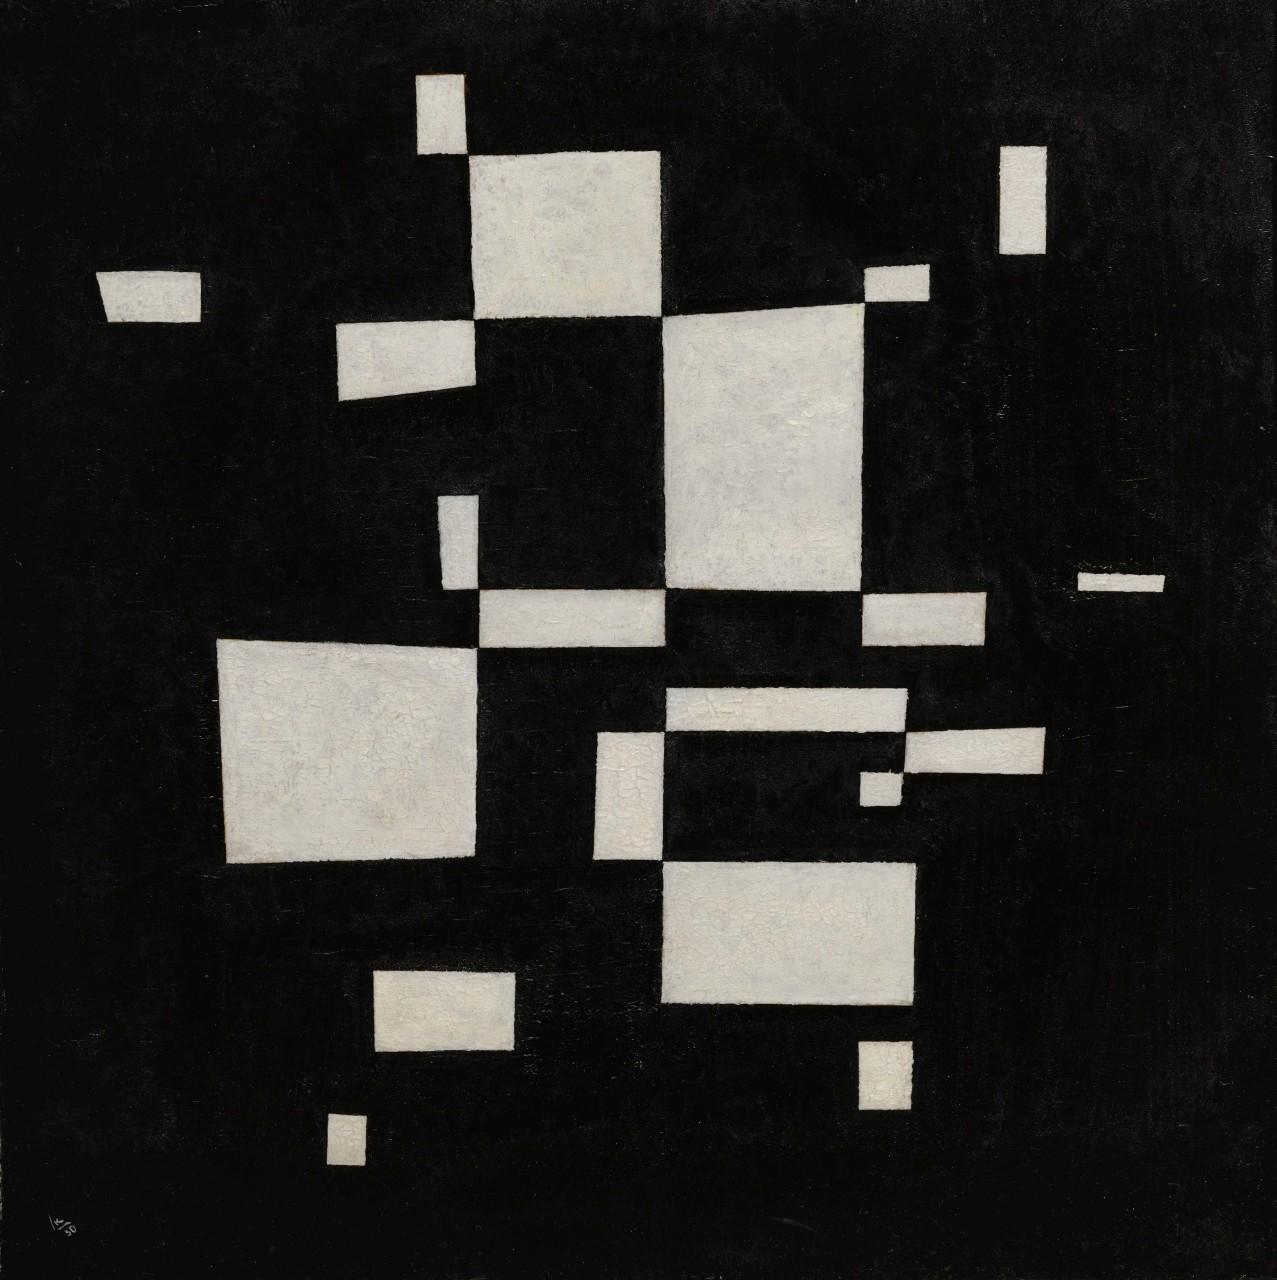 Василий Кандинский. Белое на Черном, 1930